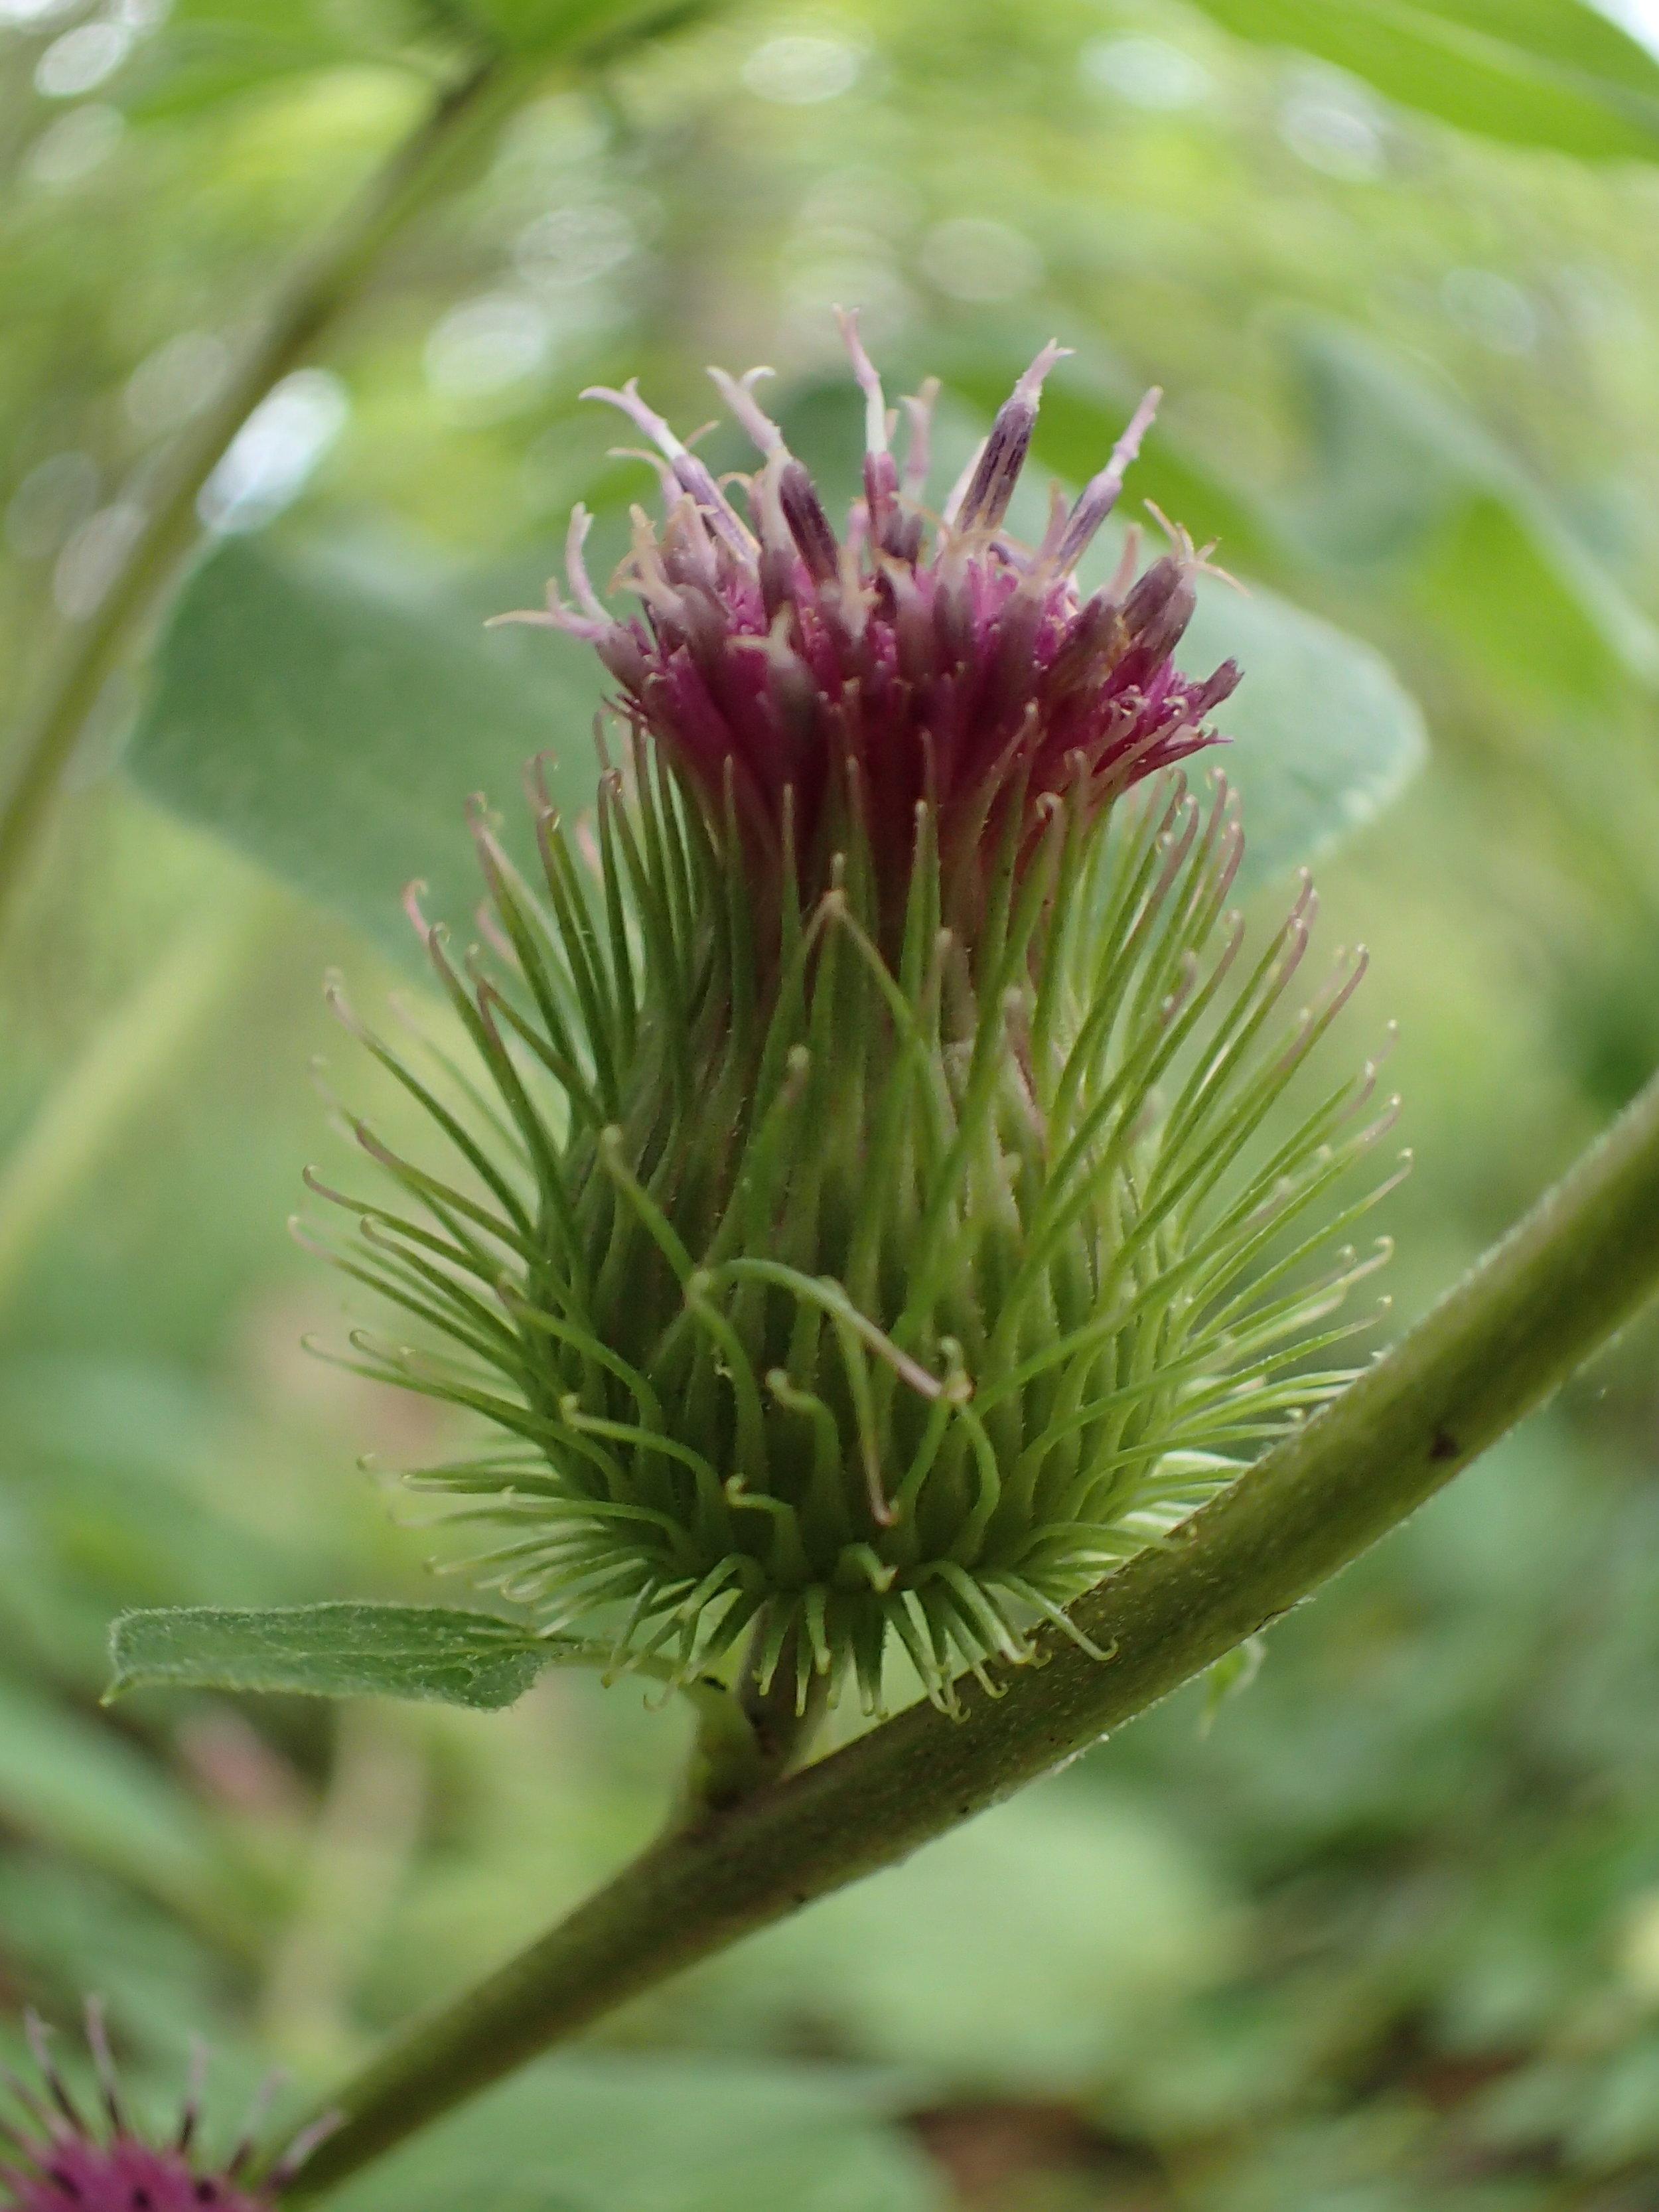 Burdock blossom